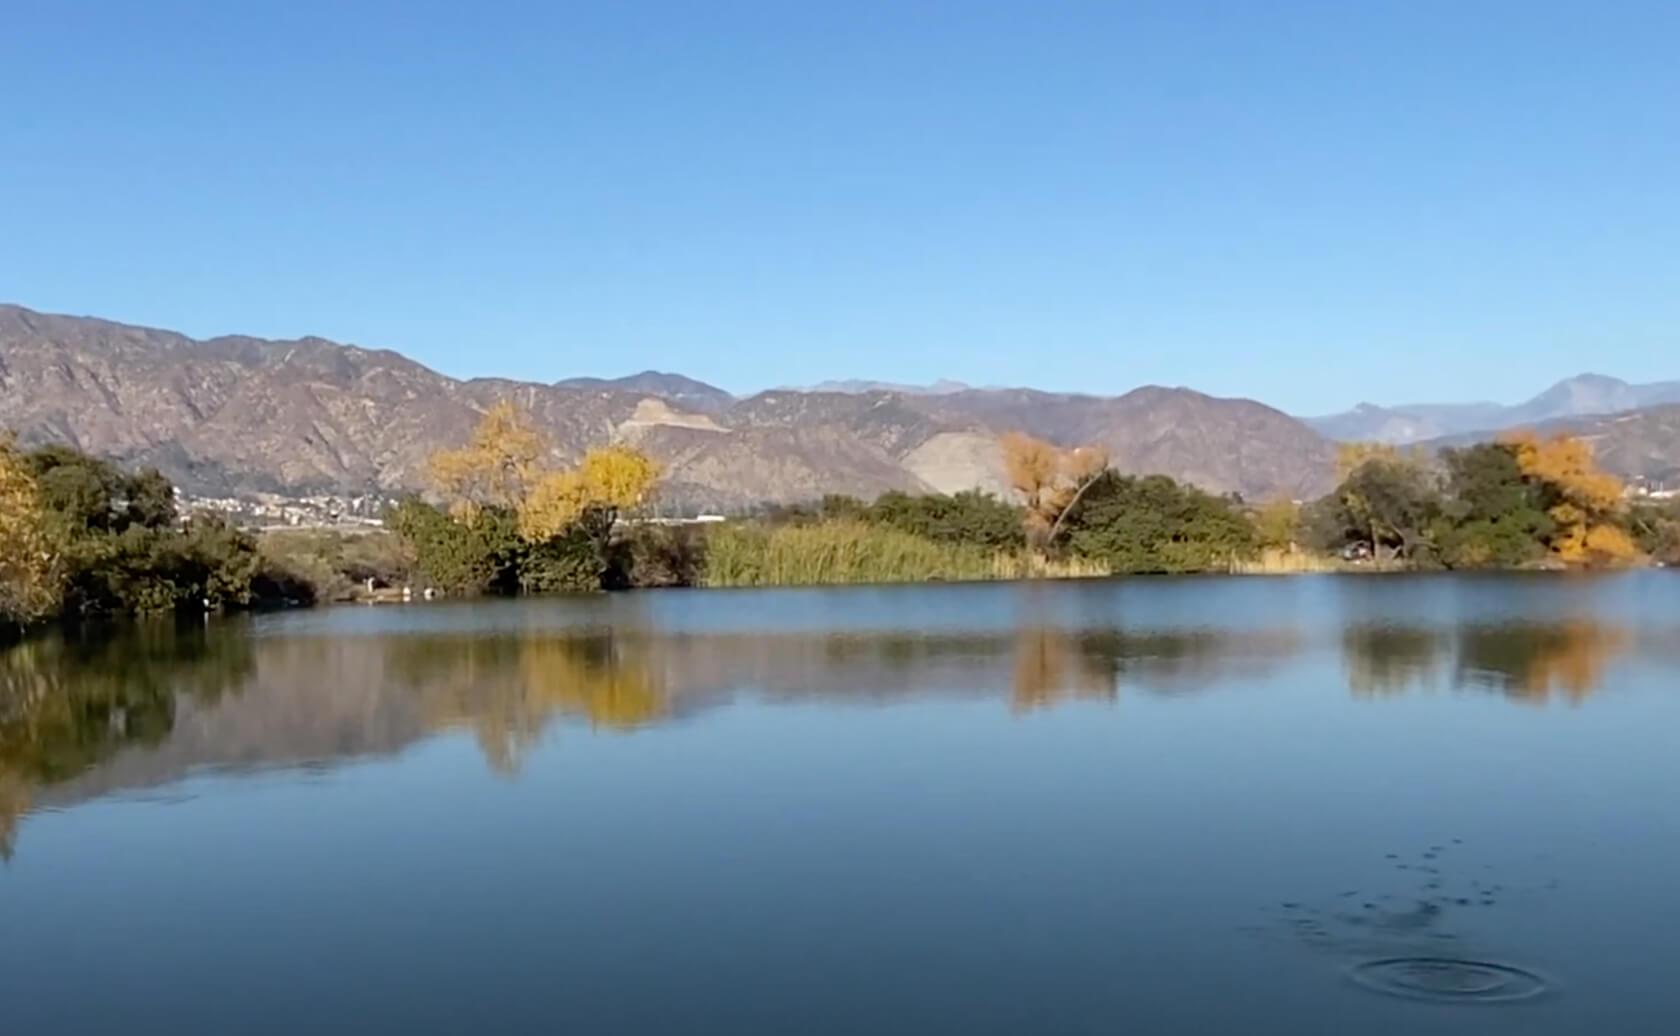 Santa-Fe-Dam-Lake-fishing-guide-report-Baldwin-Park-CA-03